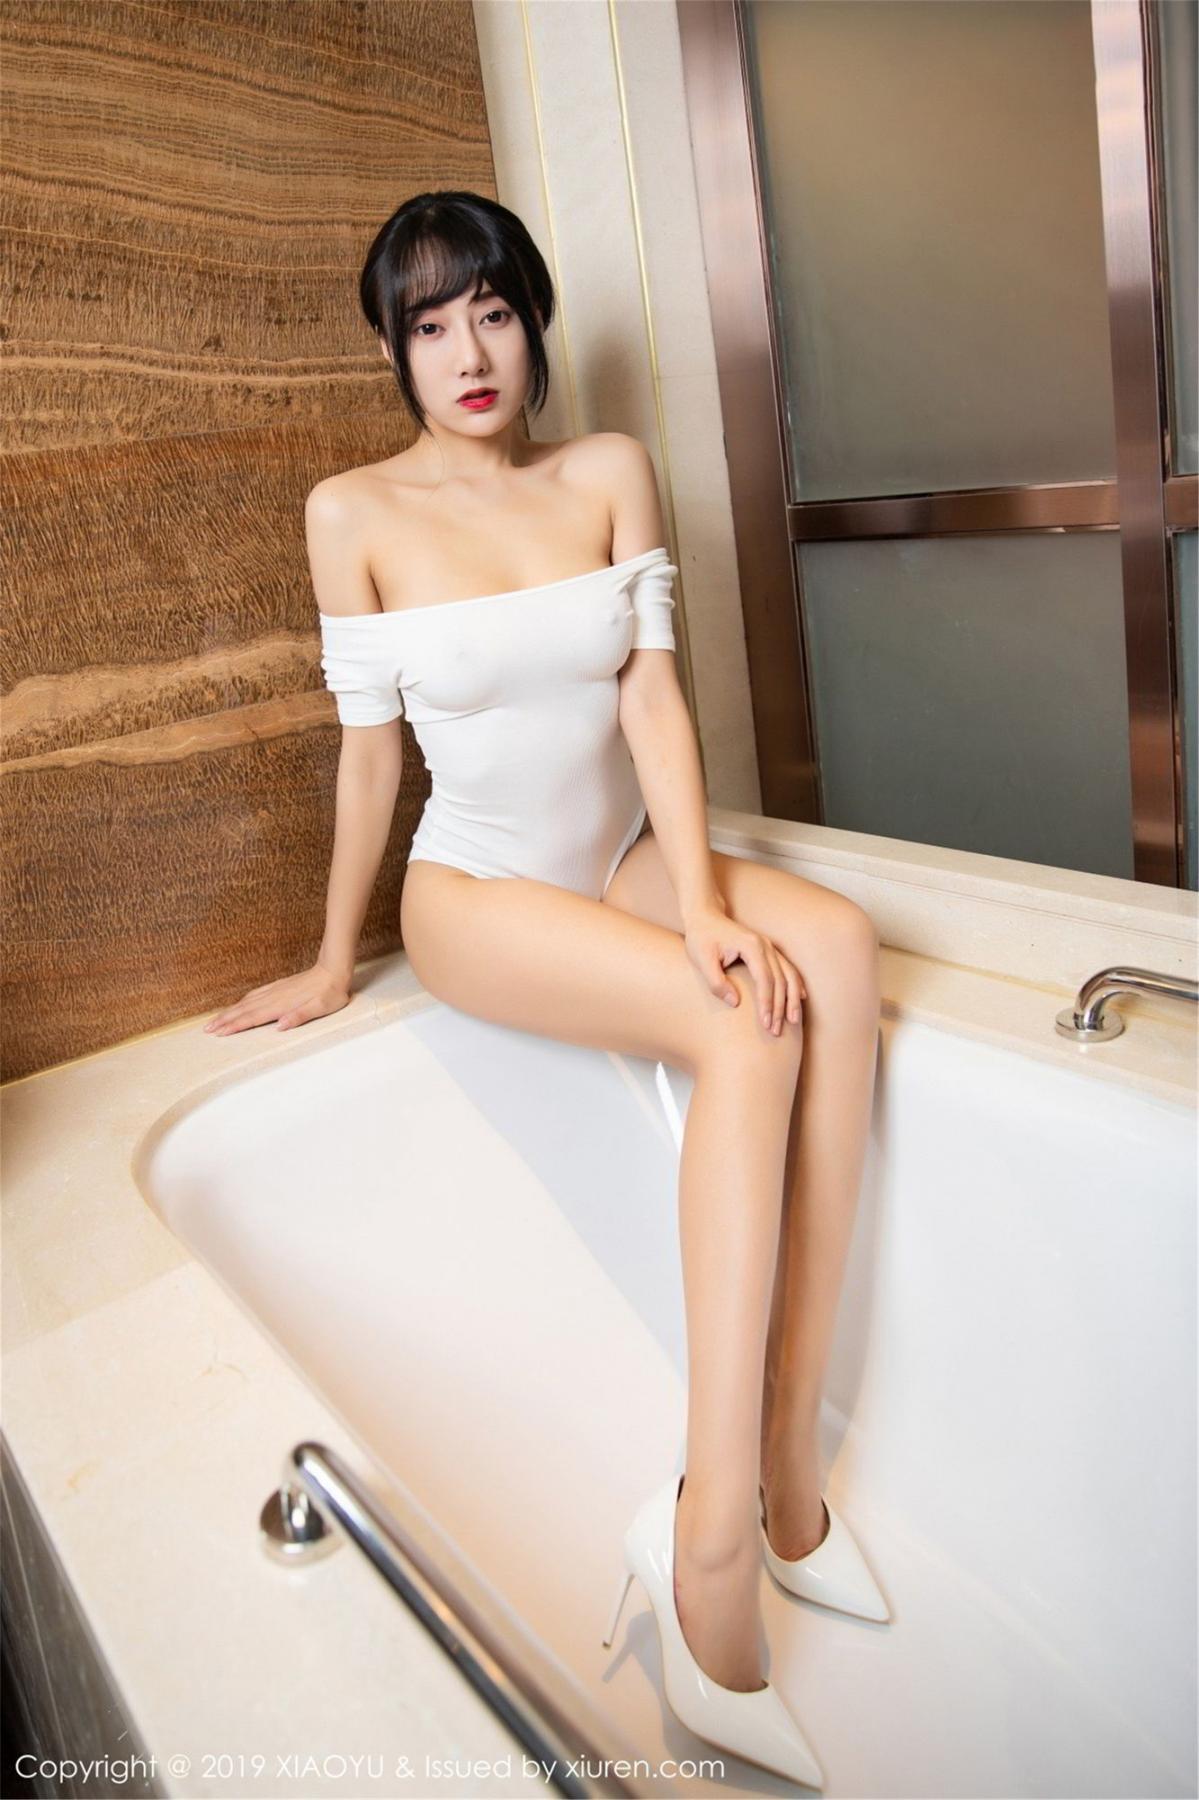 [XiaoYu] Vol.116 He Jia Ying 20P, Bathroom, He Jia Ying, Wet, XiaoYu